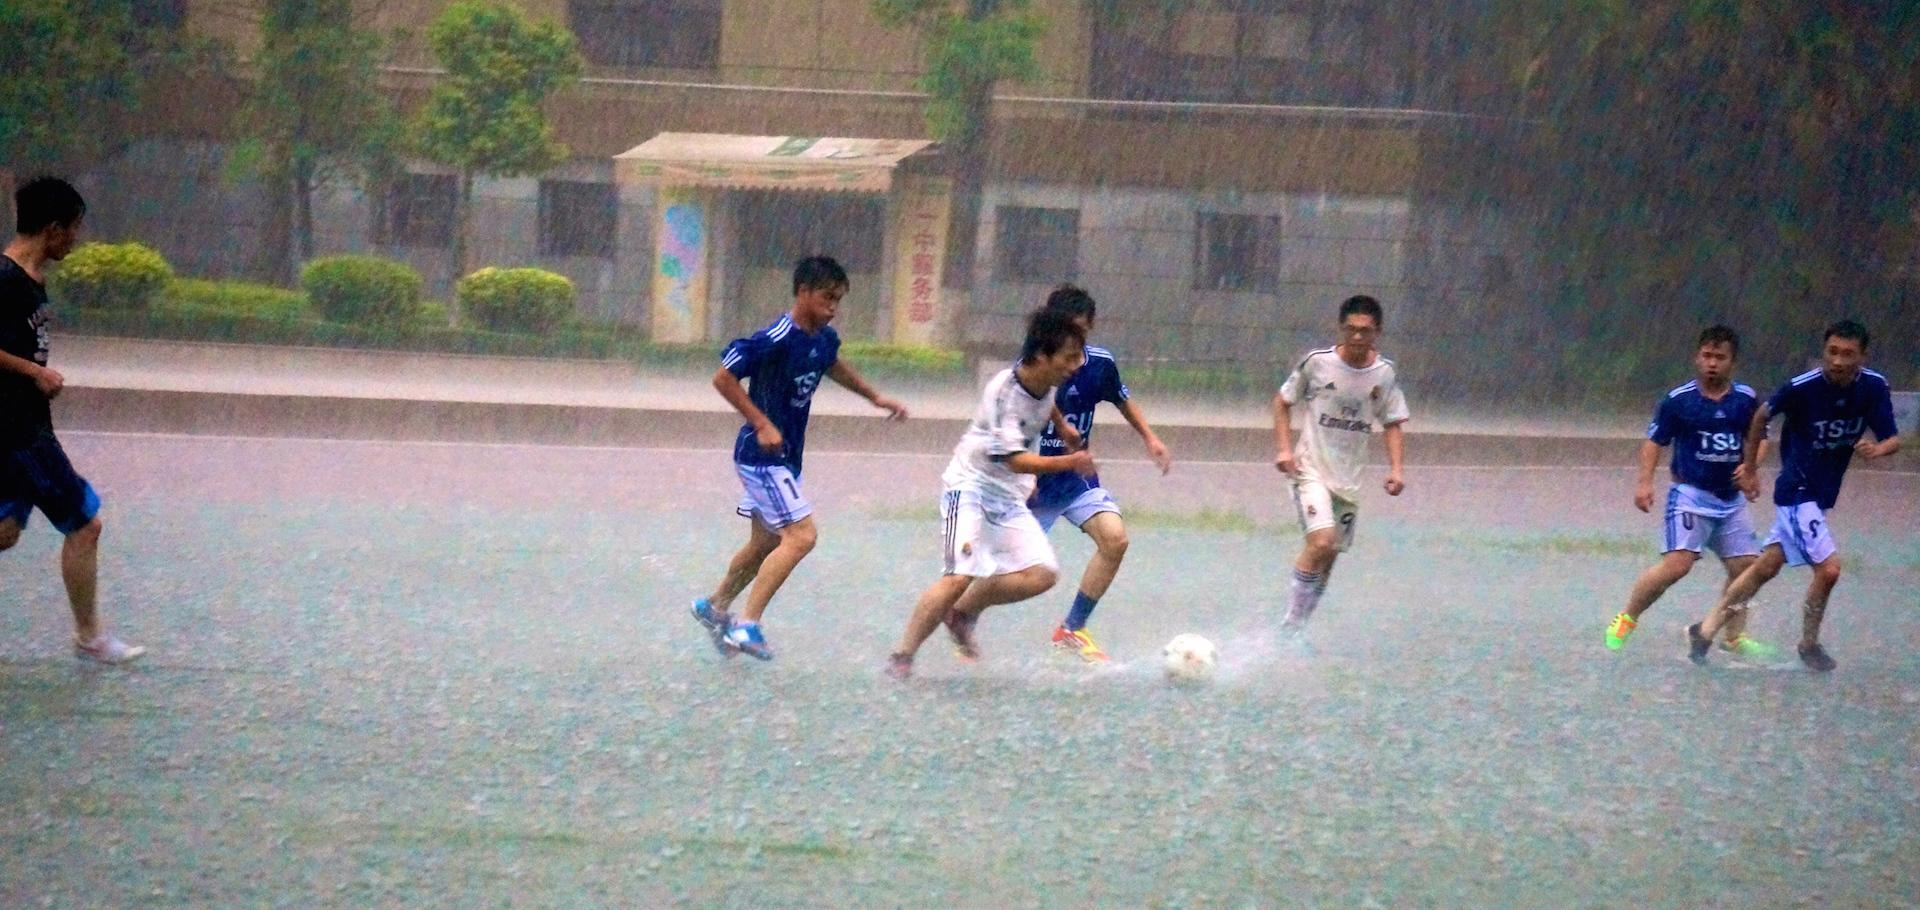 组织较严密的业余足球队是如何安排训练的? -